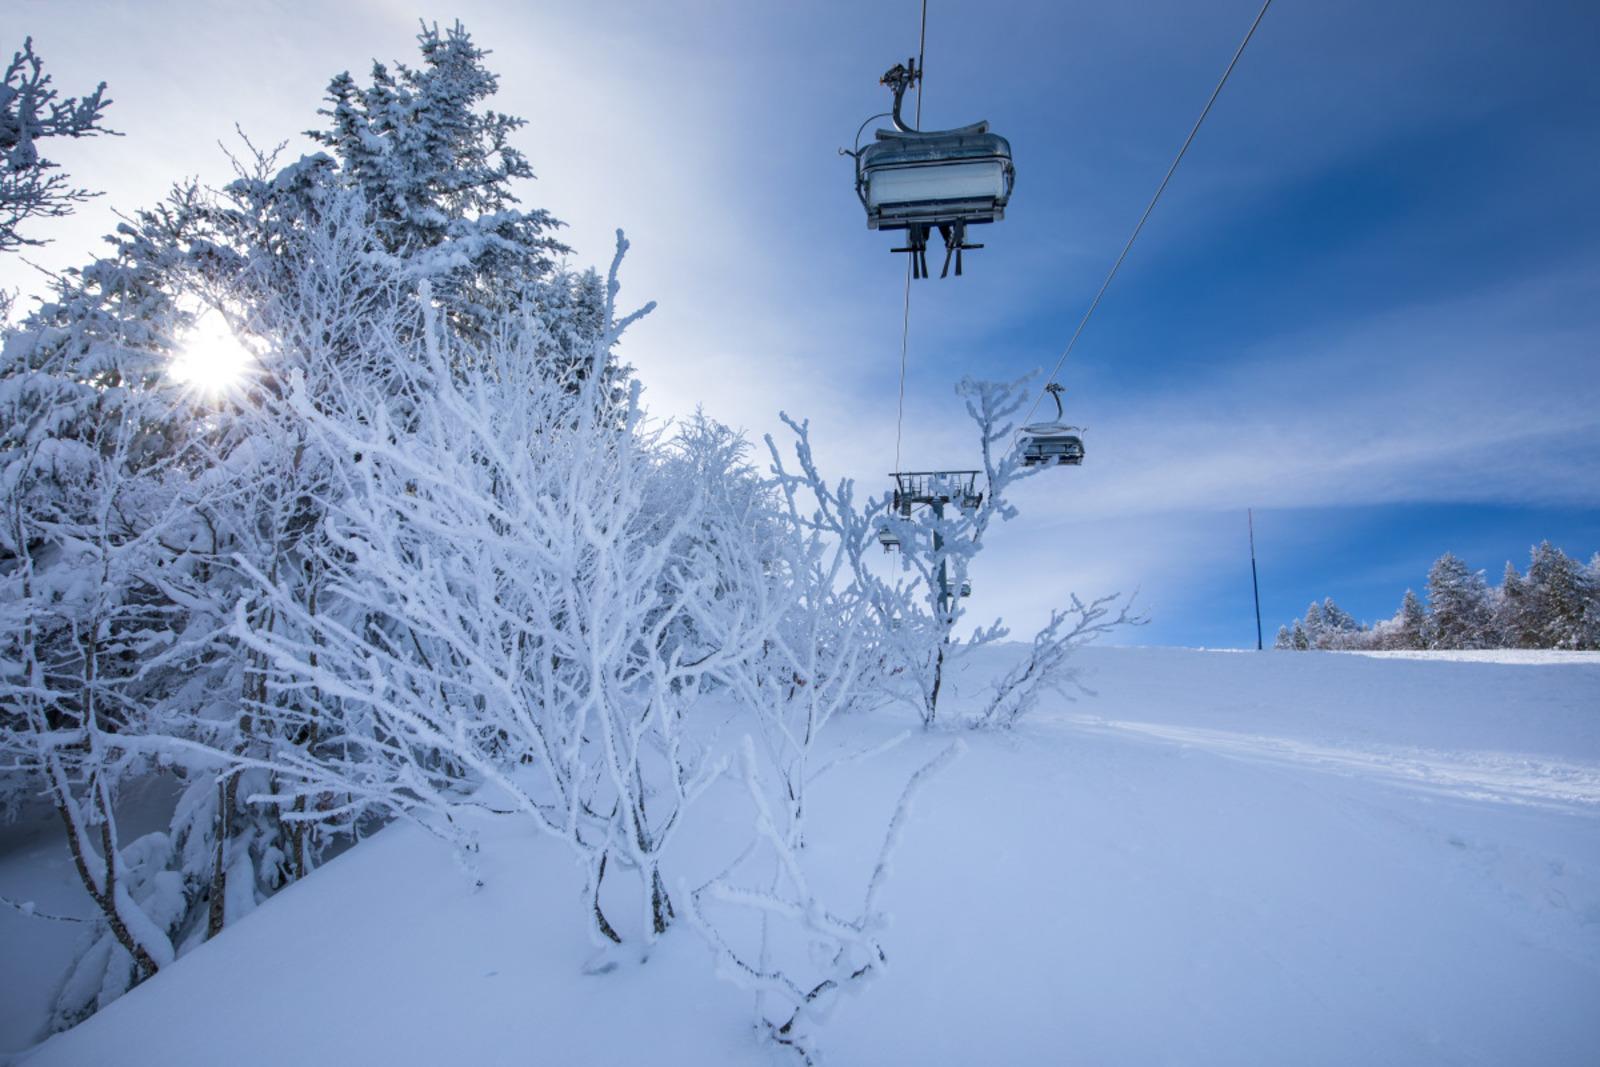 https://www.loire.fr/jcms/lw_1170530/le-domaine-skiable-reste-ferme-mais-la-station-est-ouverte?xtor=RSS-40